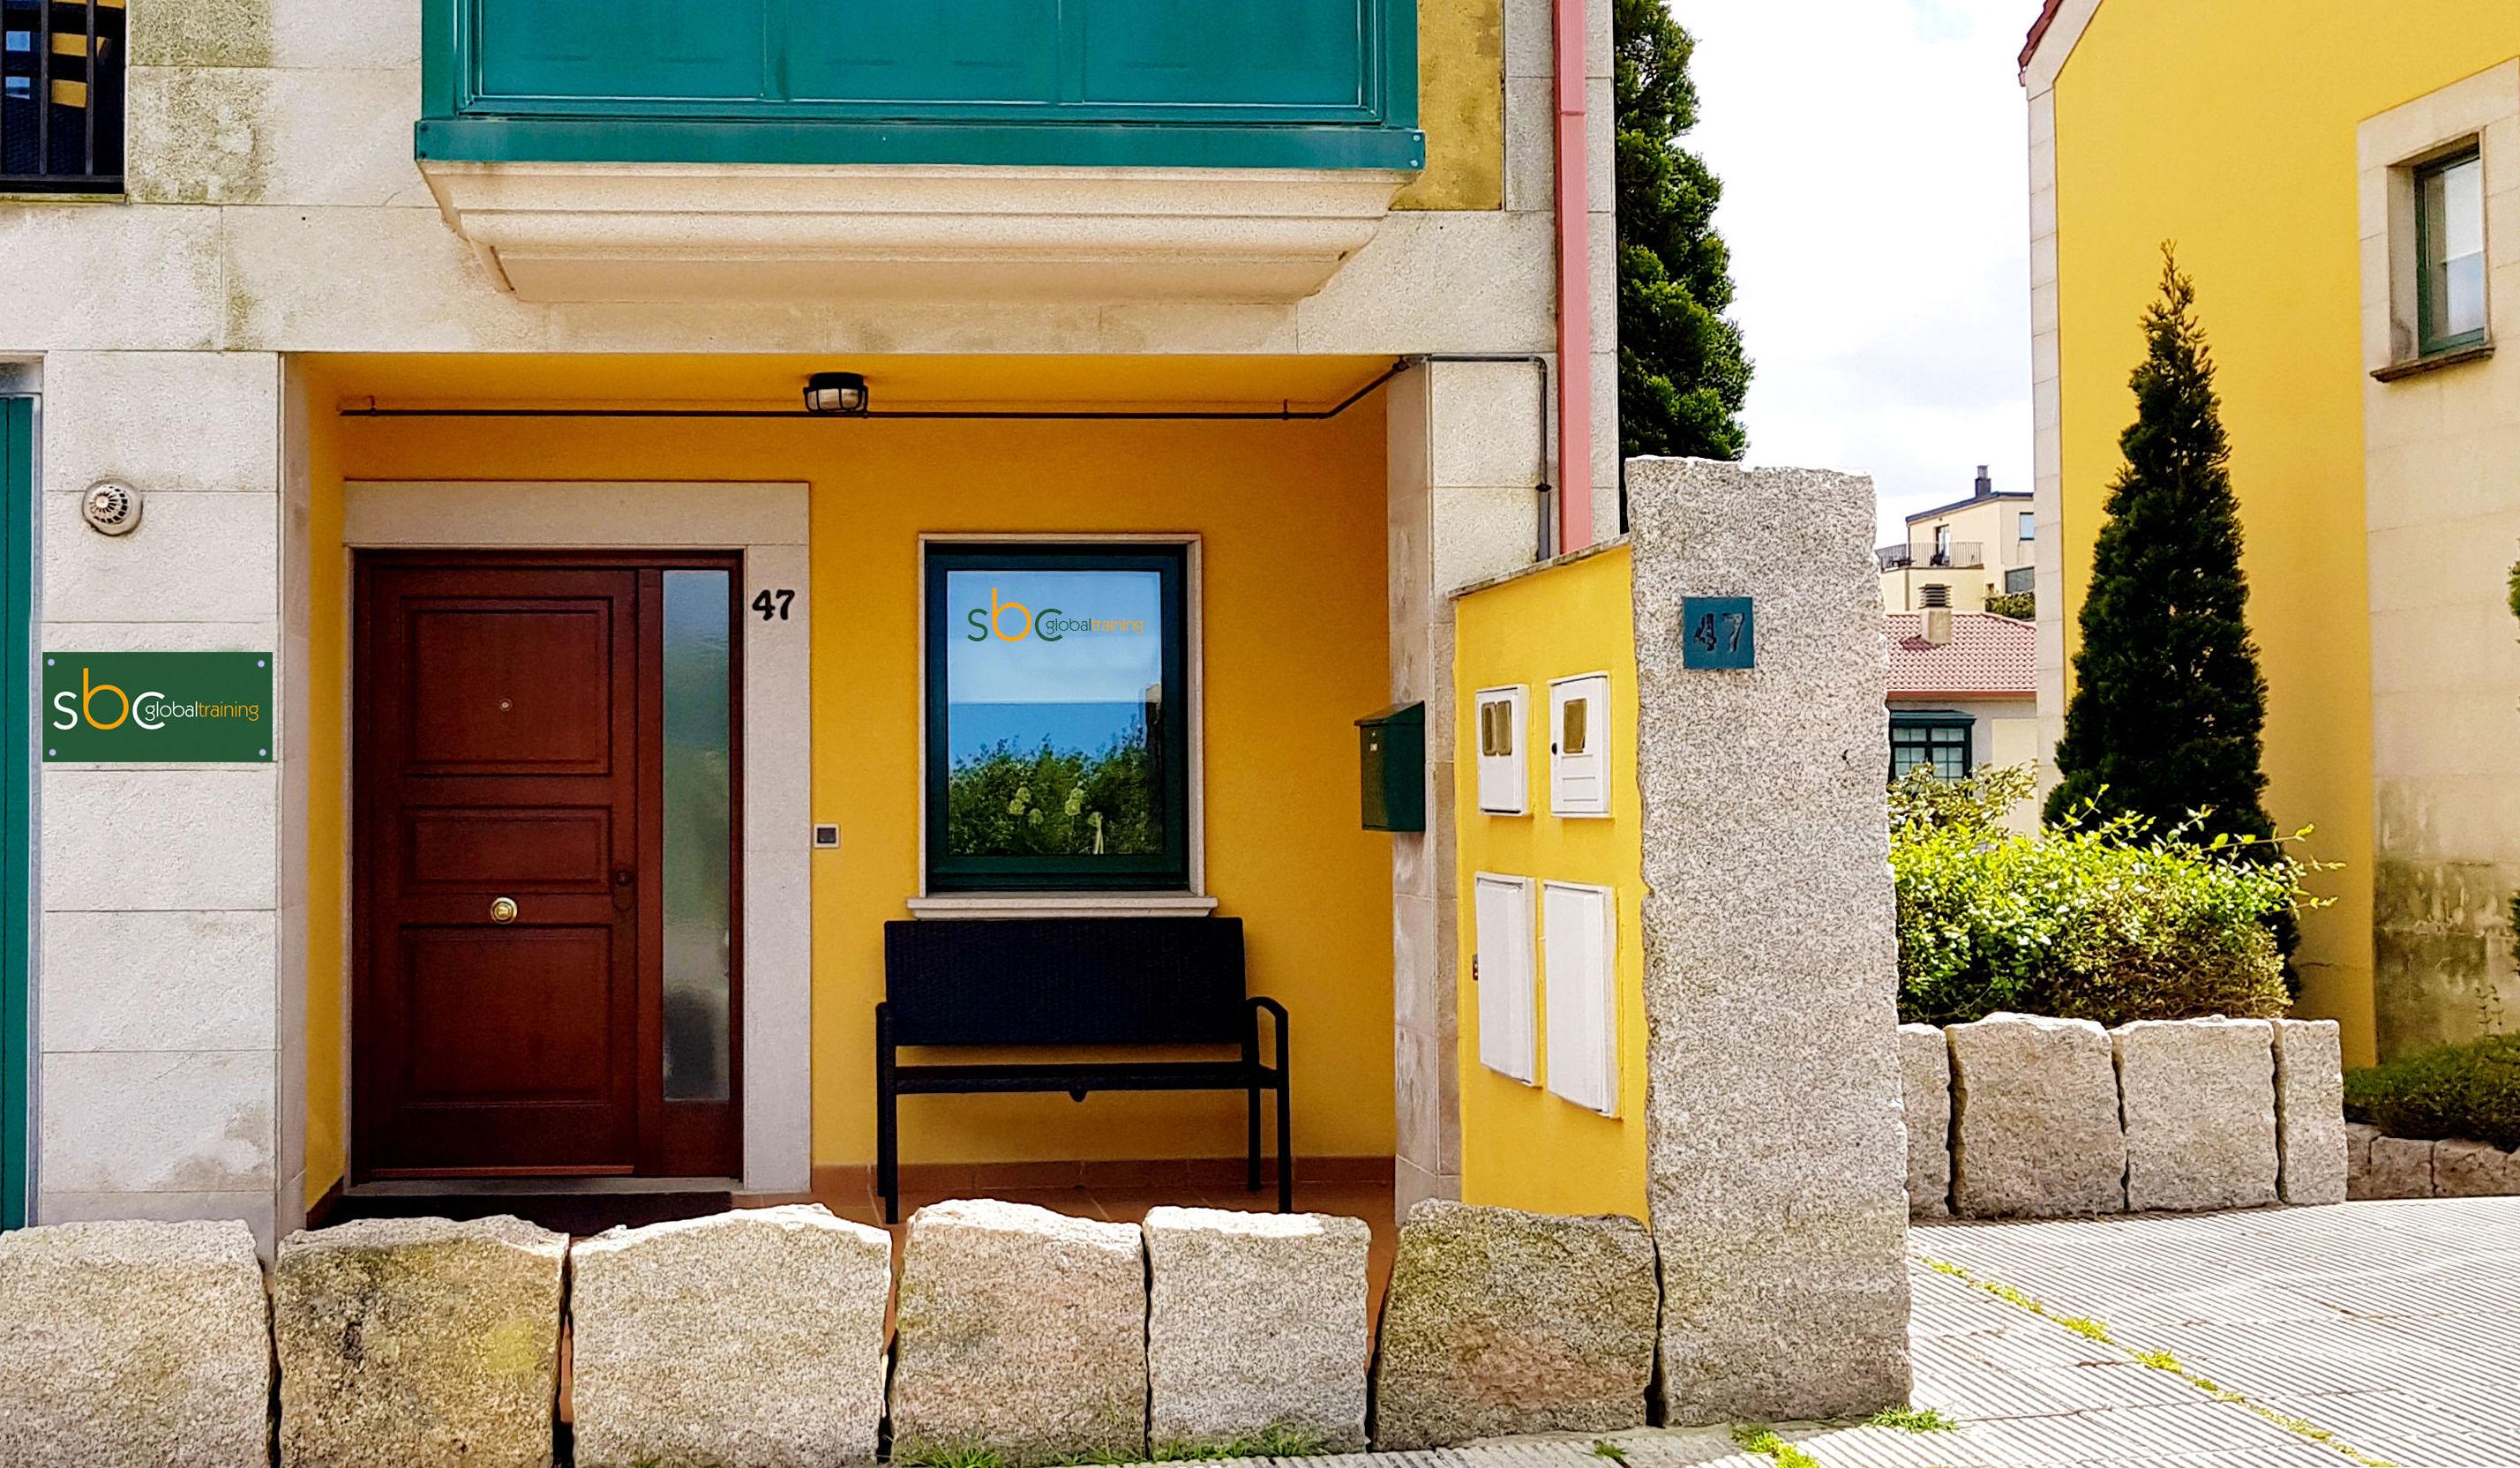 Foto 34 de Academia de idiomas en A Coruña | SBC Global Training